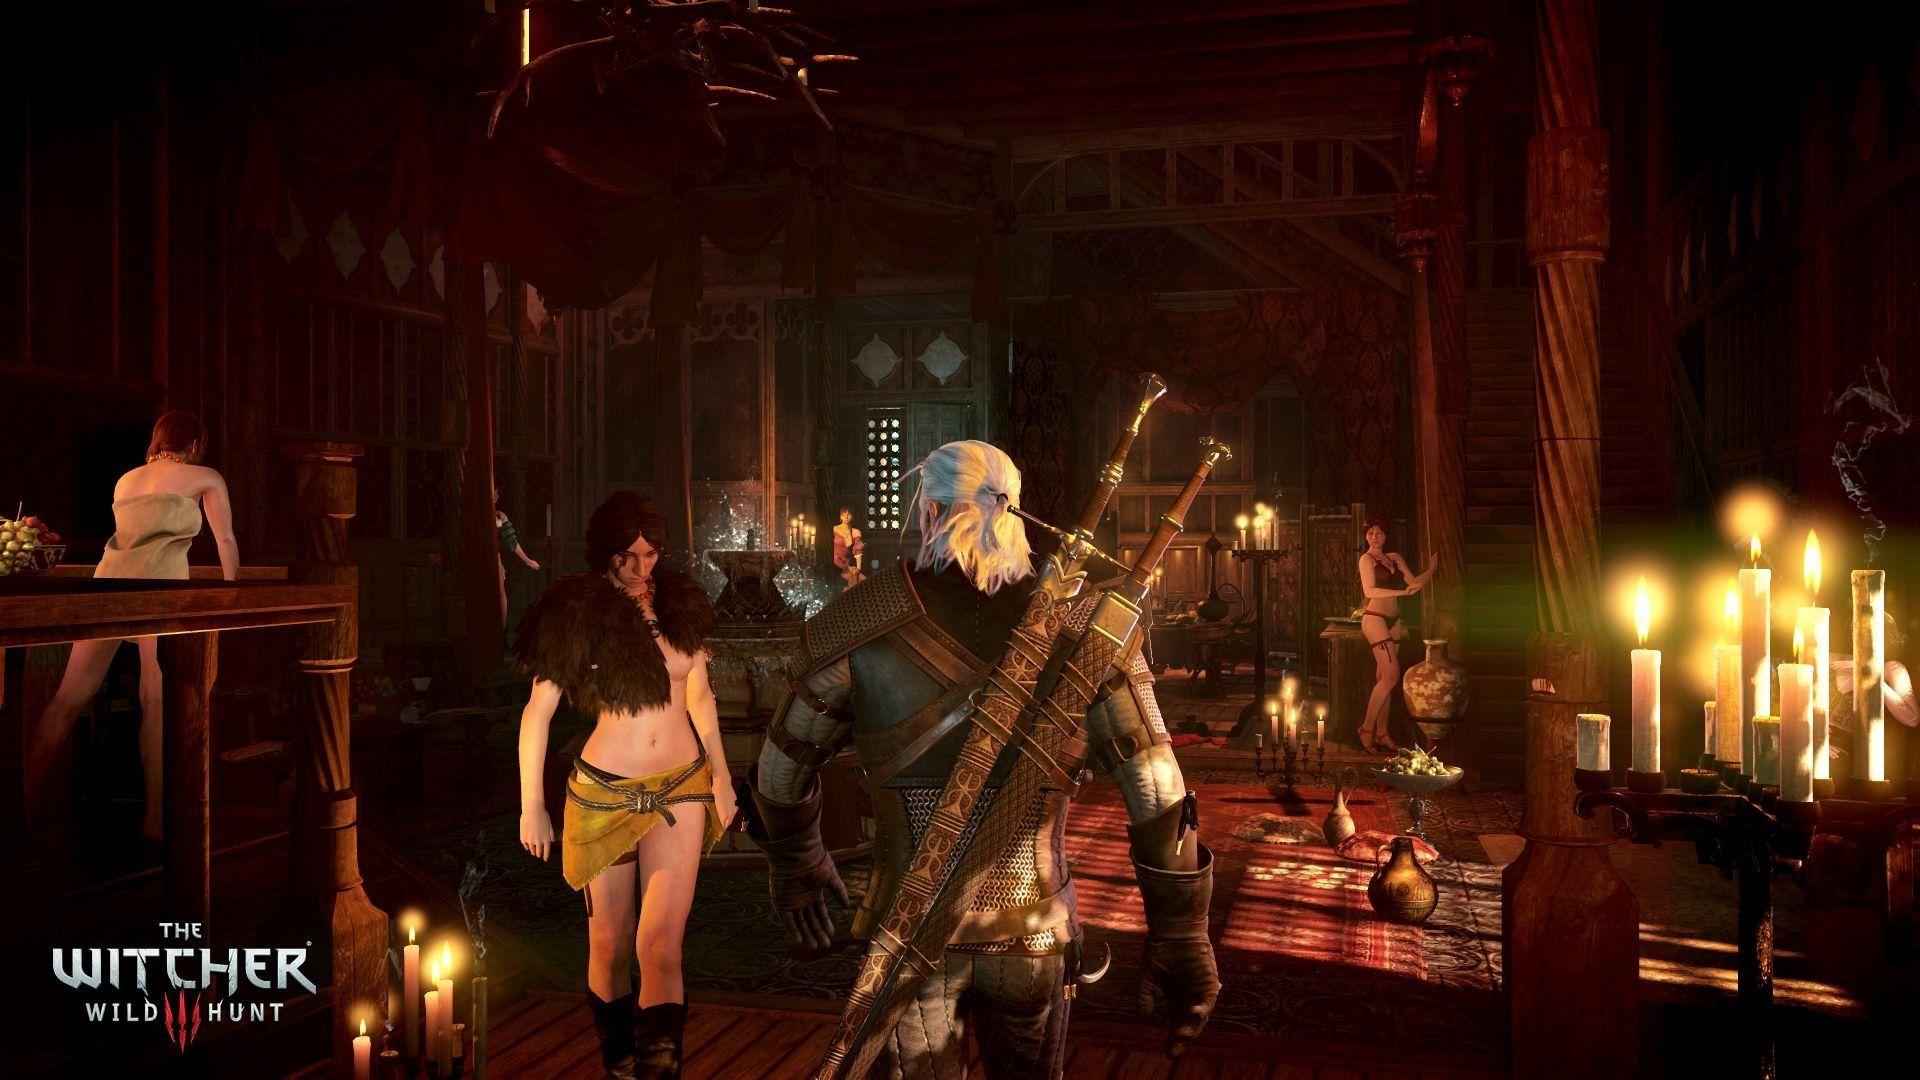 В Witcher 3 добавили реалистичные глаза, которые сложно отличить от настоящих